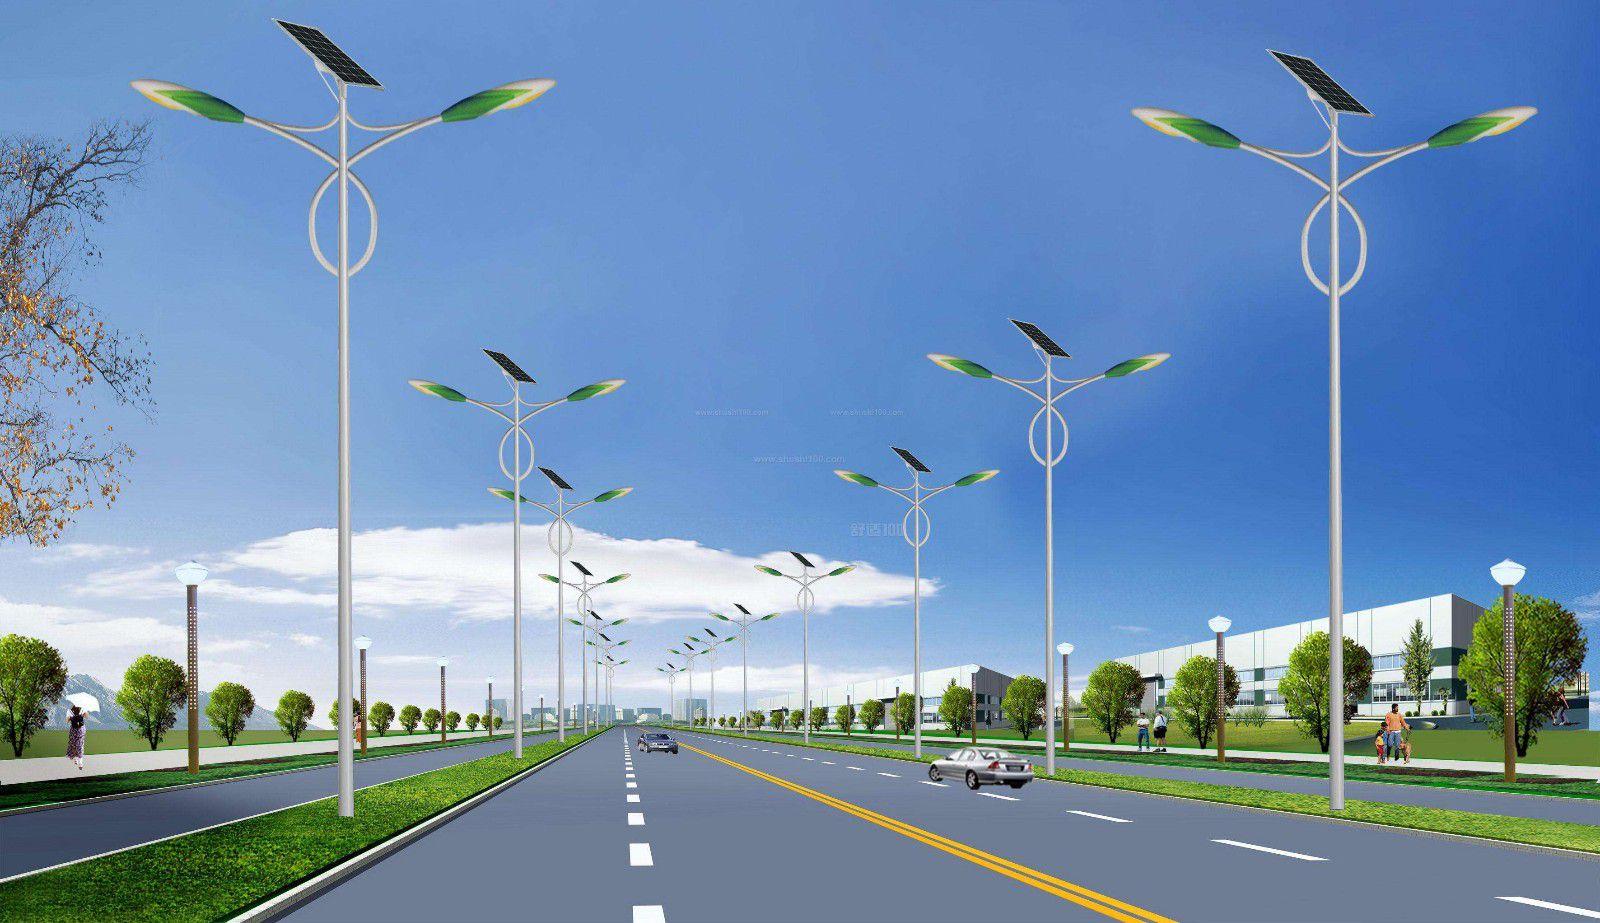 福建太阳能路灯开关在哪里主要指标